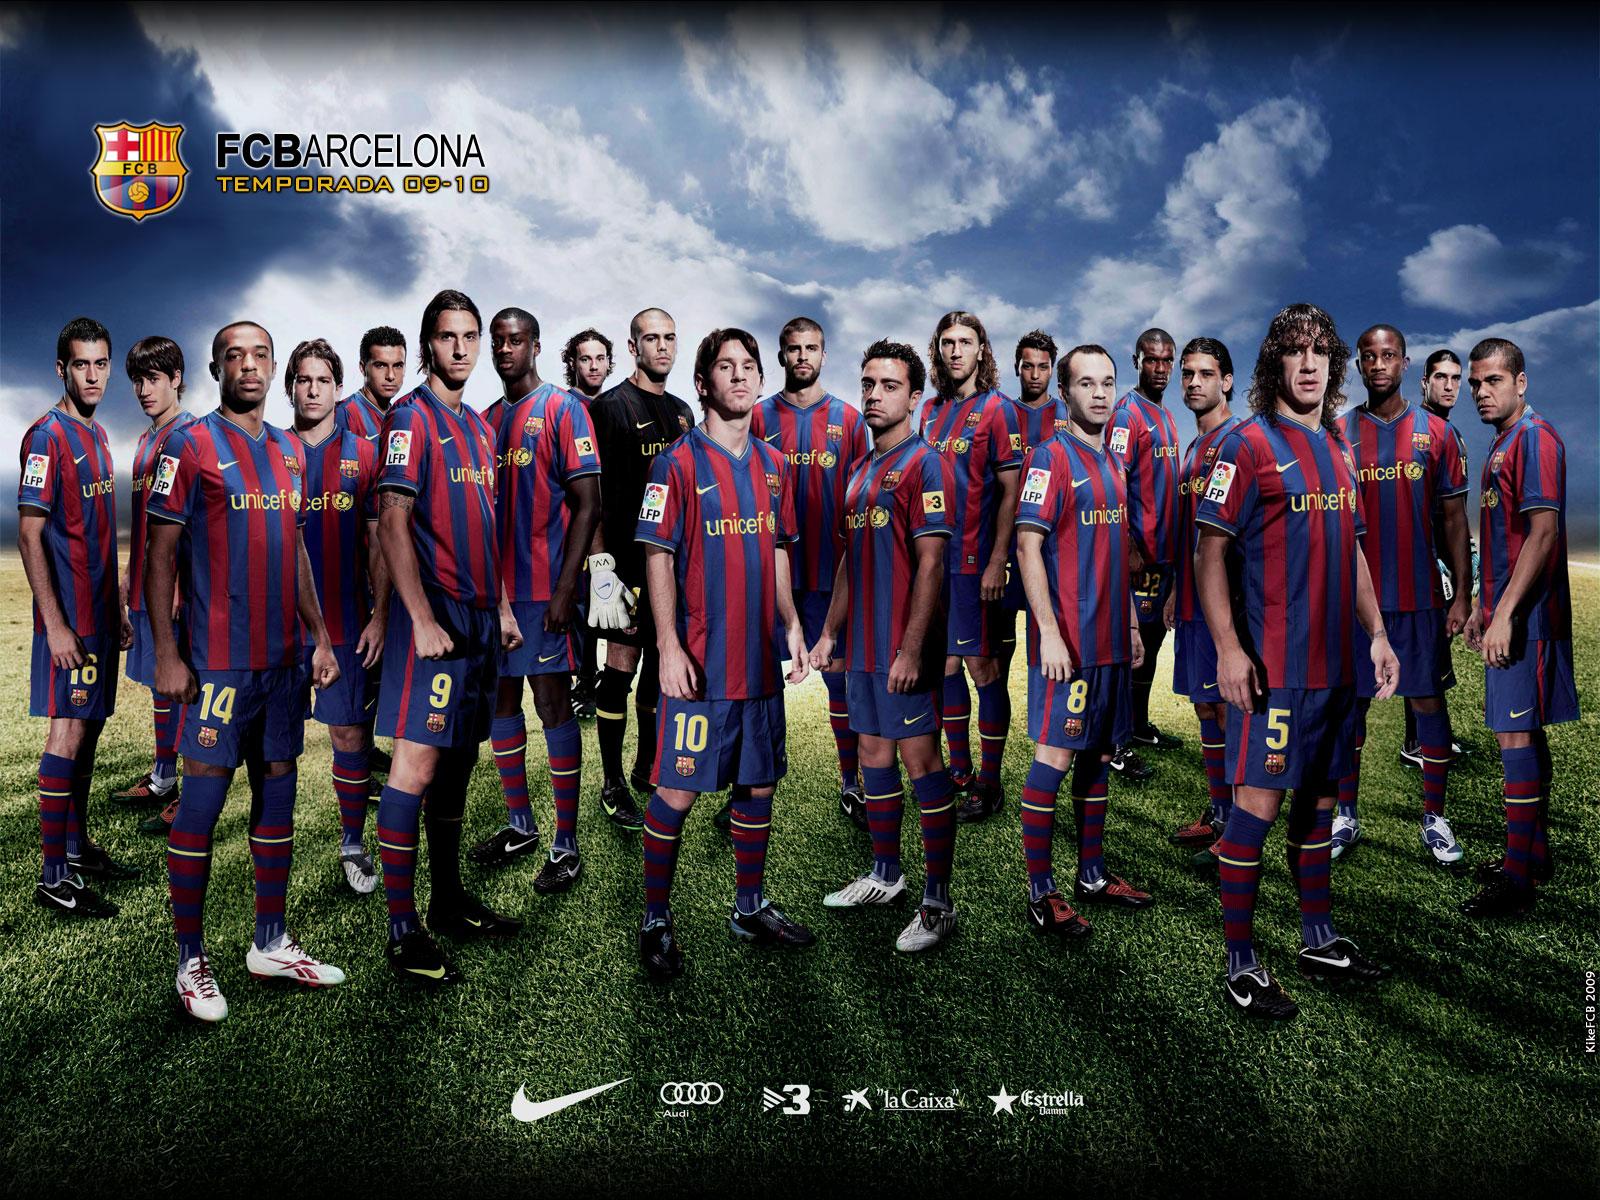 fc barcelona squad fc barcelona squad camp nou soccer stadium 1600x1200